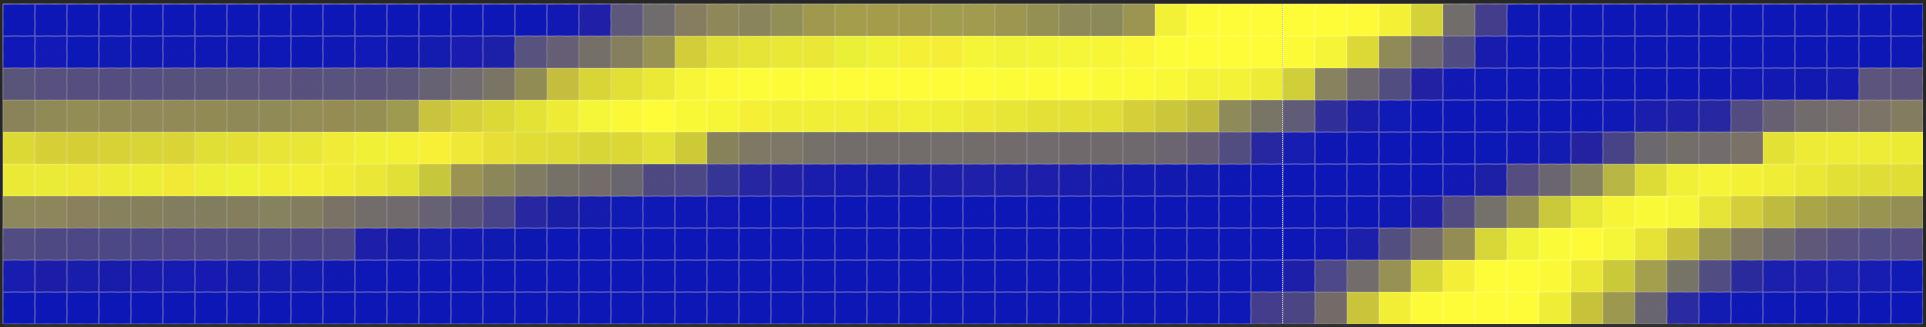 led_pixels_neoAnim9.png